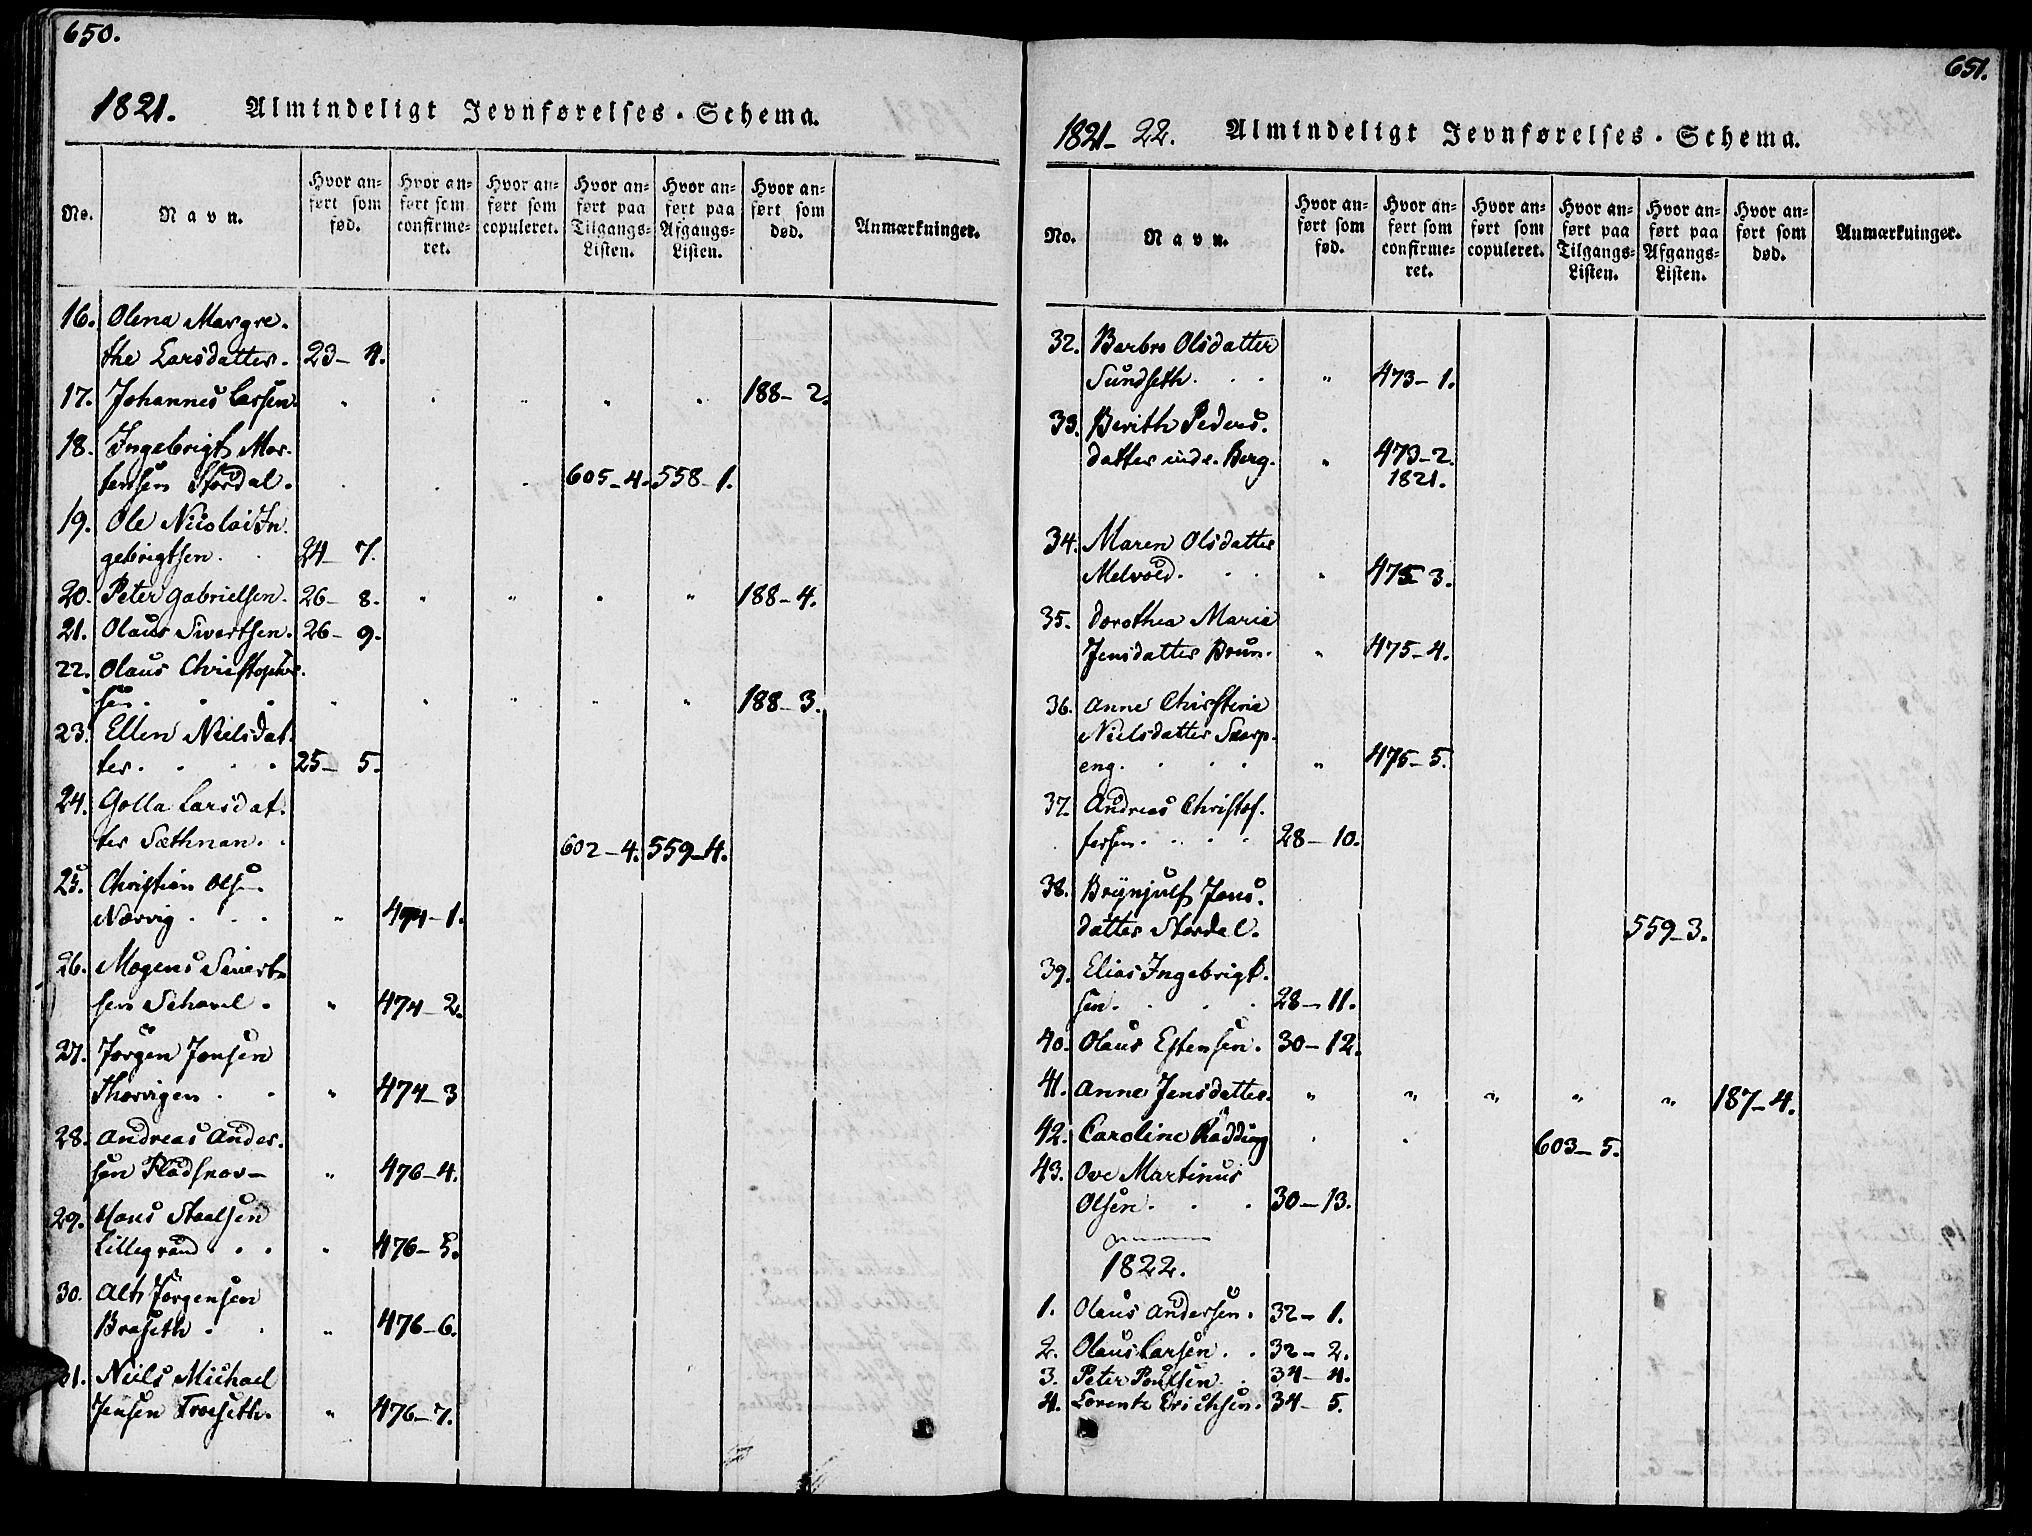 SAT, Ministerialprotokoller, klokkerbøker og fødselsregistre - Nord-Trøndelag, 733/L0322: Ministerialbok nr. 733A01, 1817-1842, s. 650-651